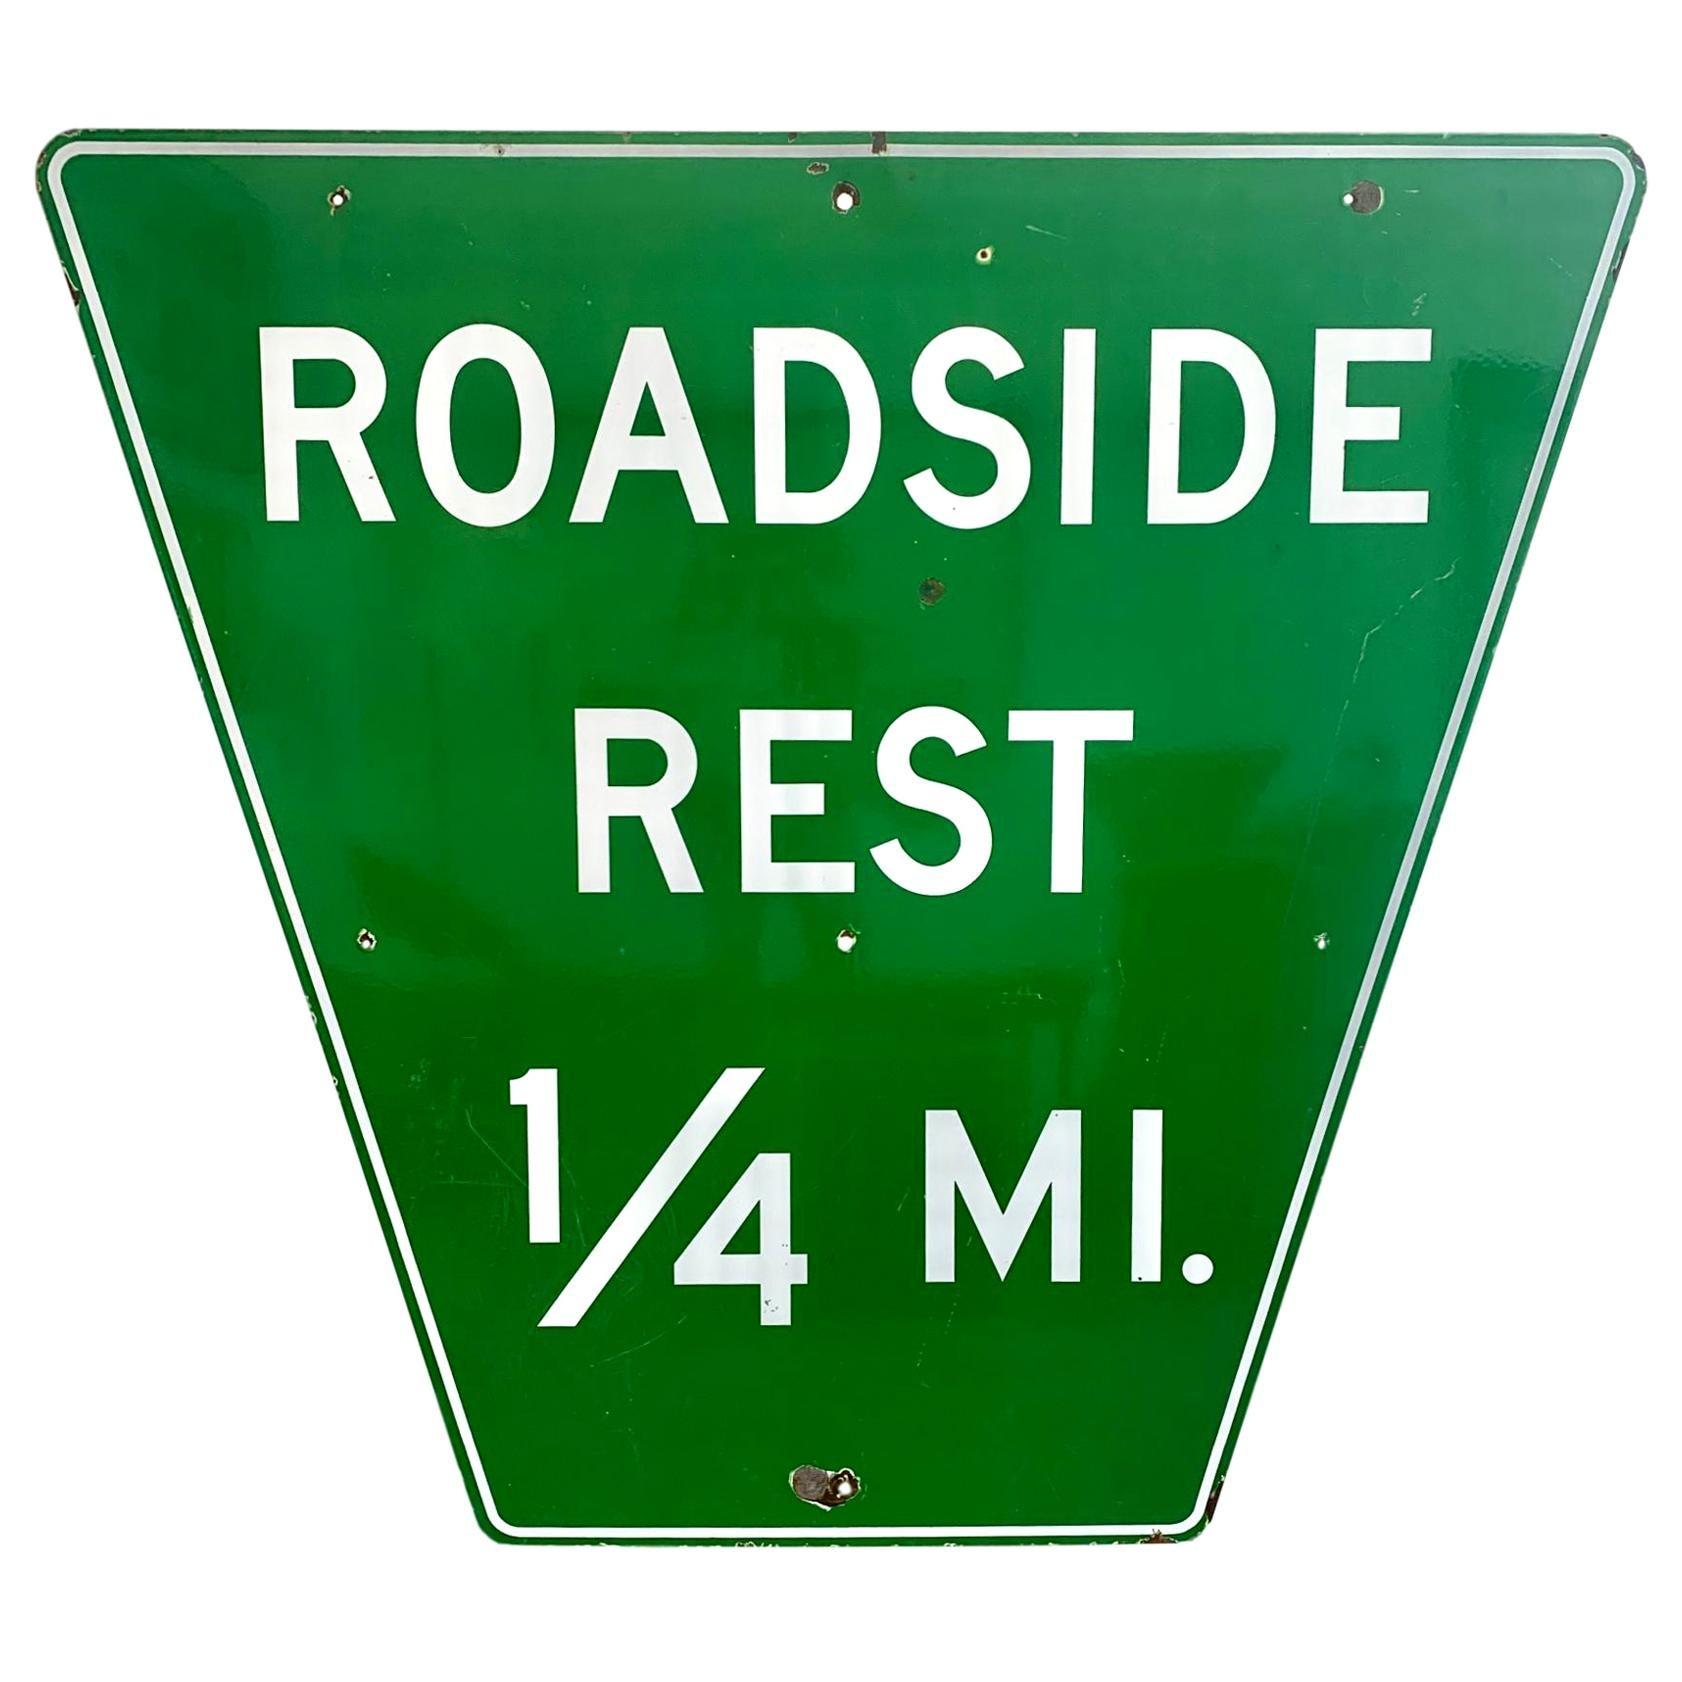 Monumental Porcelain Roadside Rest Highway Sign